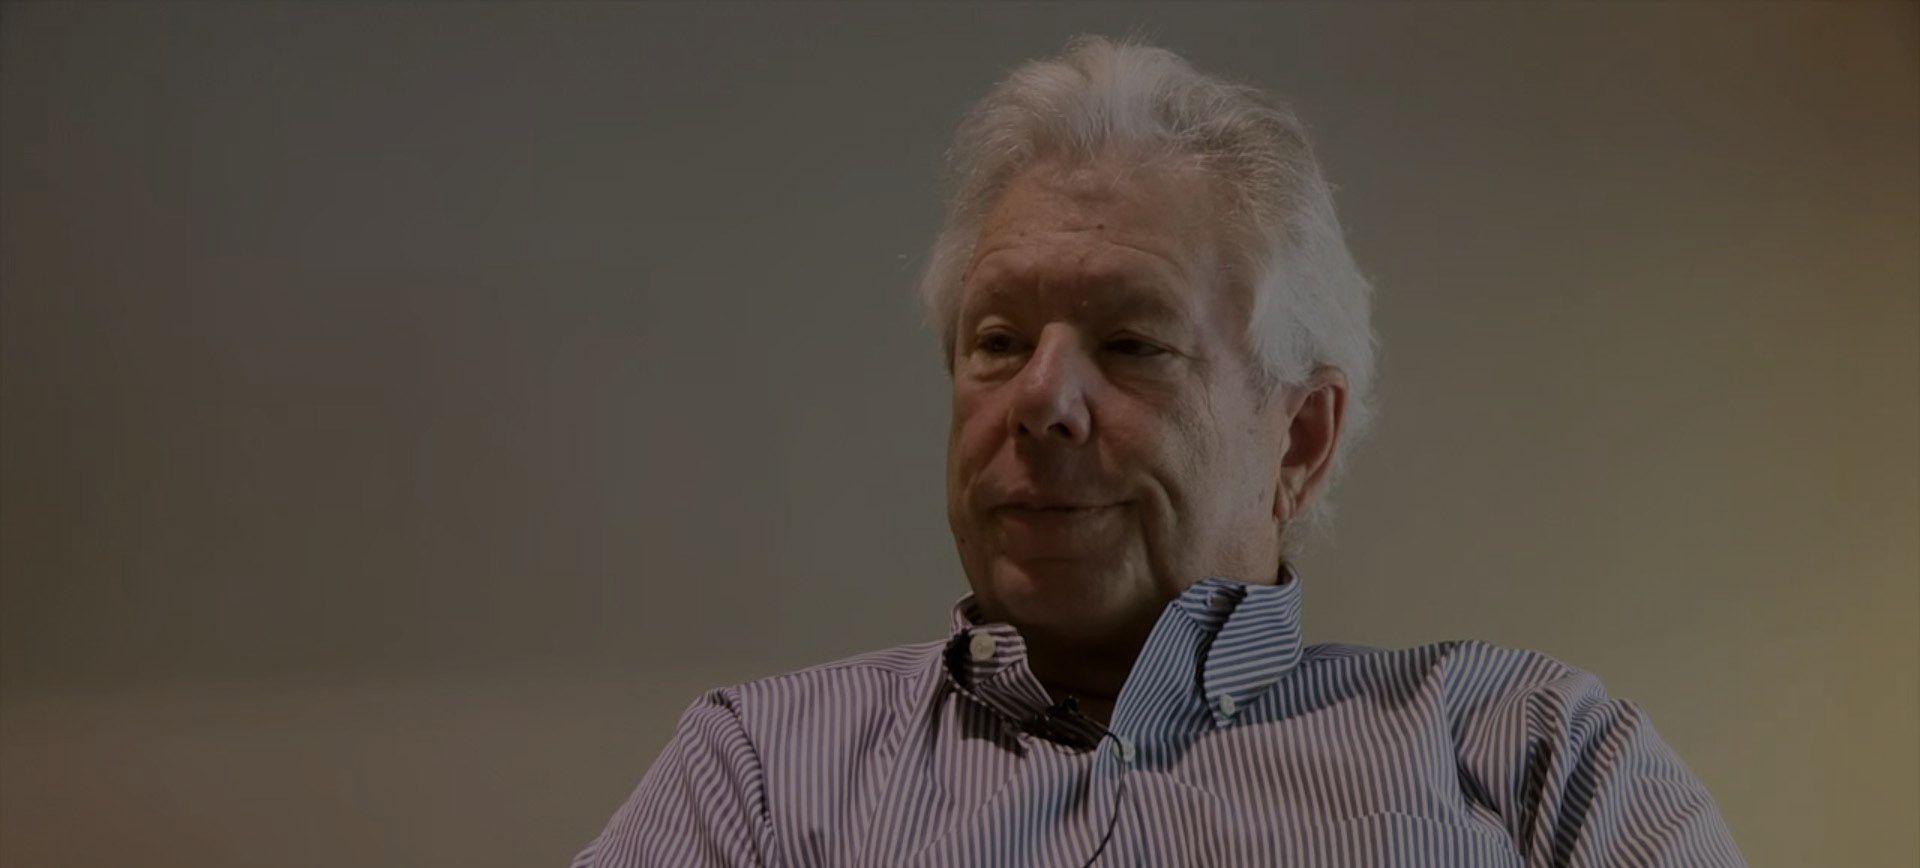 Ричард Талер - отец поведенческой экономики